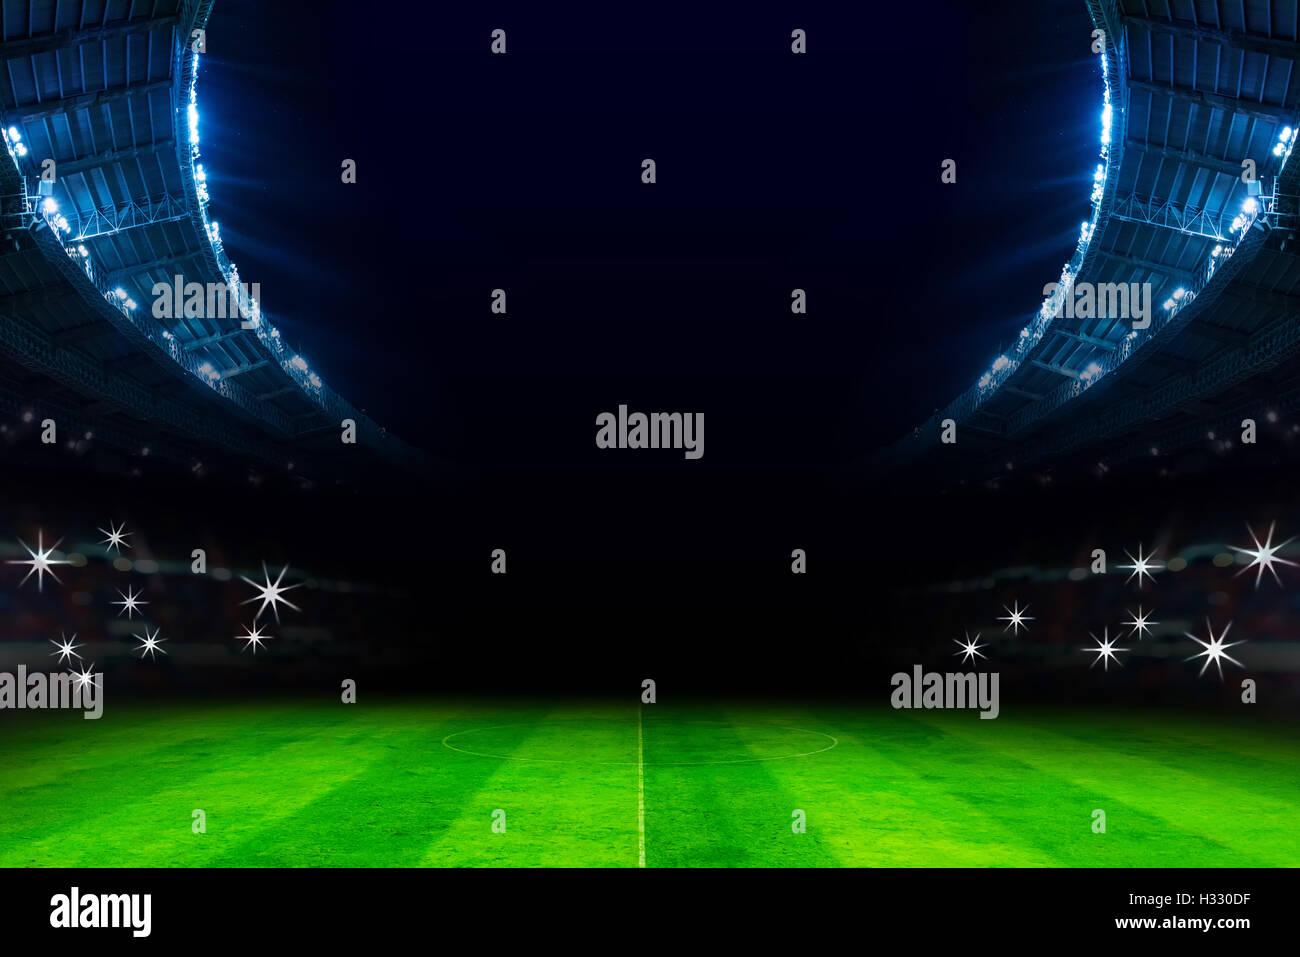 Lichter Im Fussballstadion In Der Nacht Stockfoto Bild